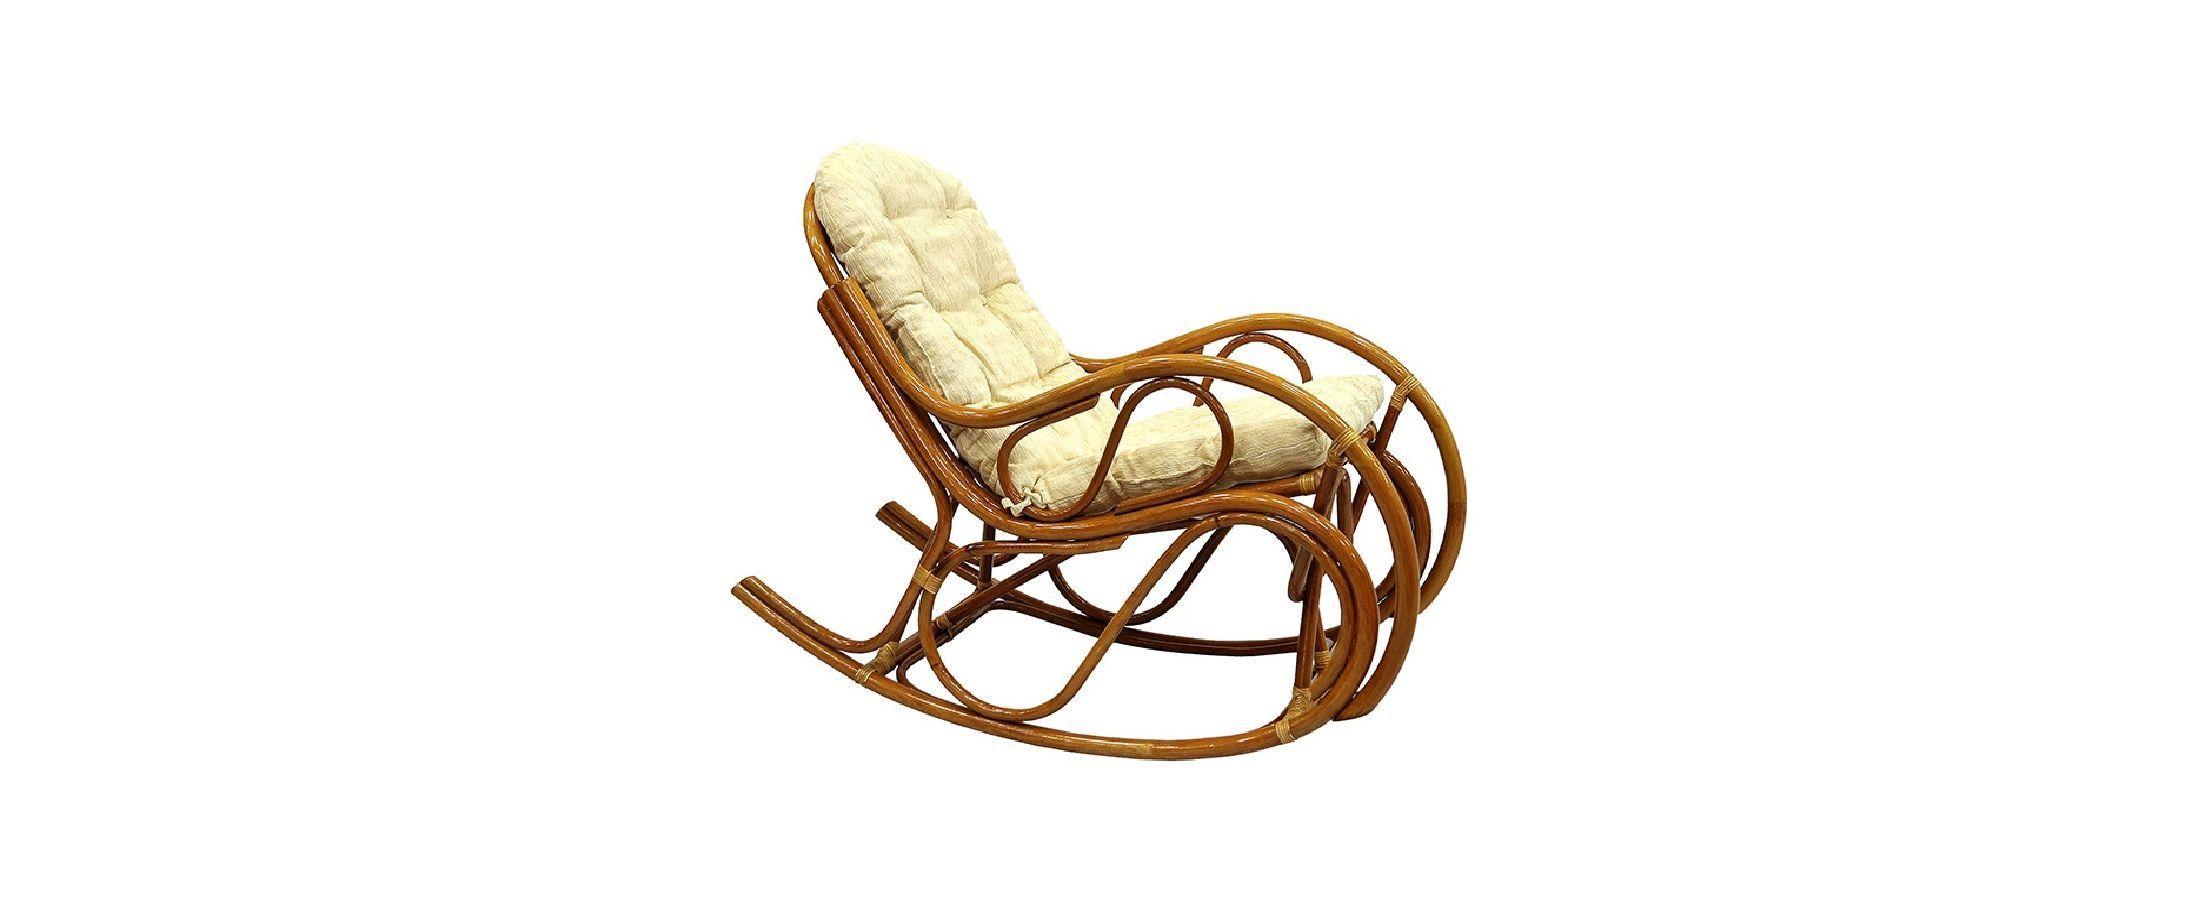 Кресло-качалка 05/04 KКресло-качалка 05/04 K<br><br>Ширина см: 57<br>Глубина см: 116<br>Высота см: 96<br>Цвет корпуса: Коньяк<br>Материал корпуса: Натуральный ротанг